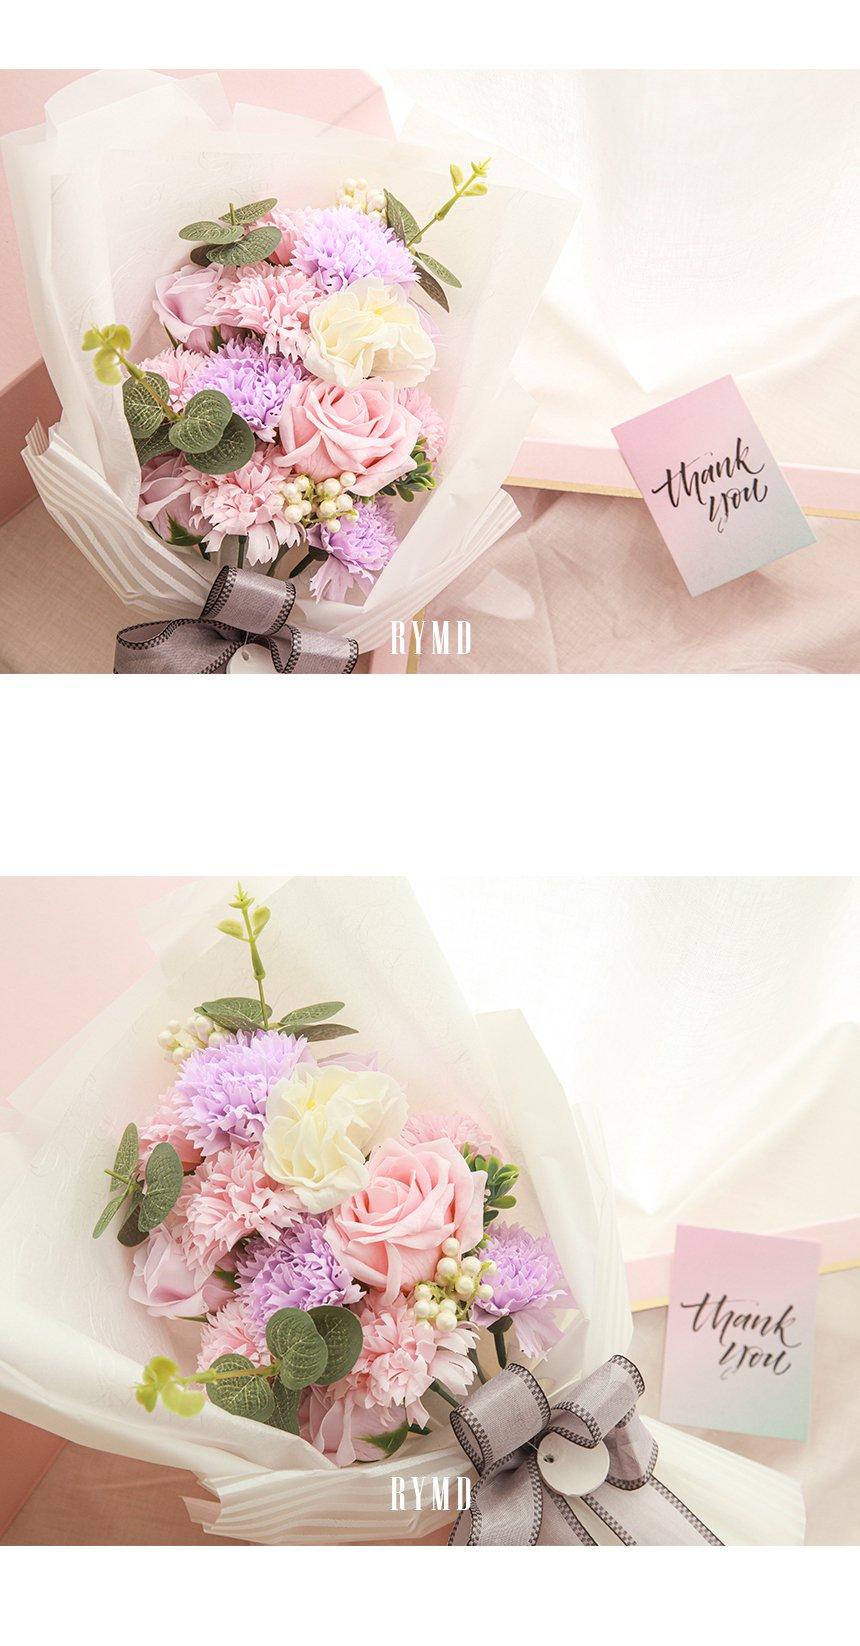 bloom-page_13.jpg